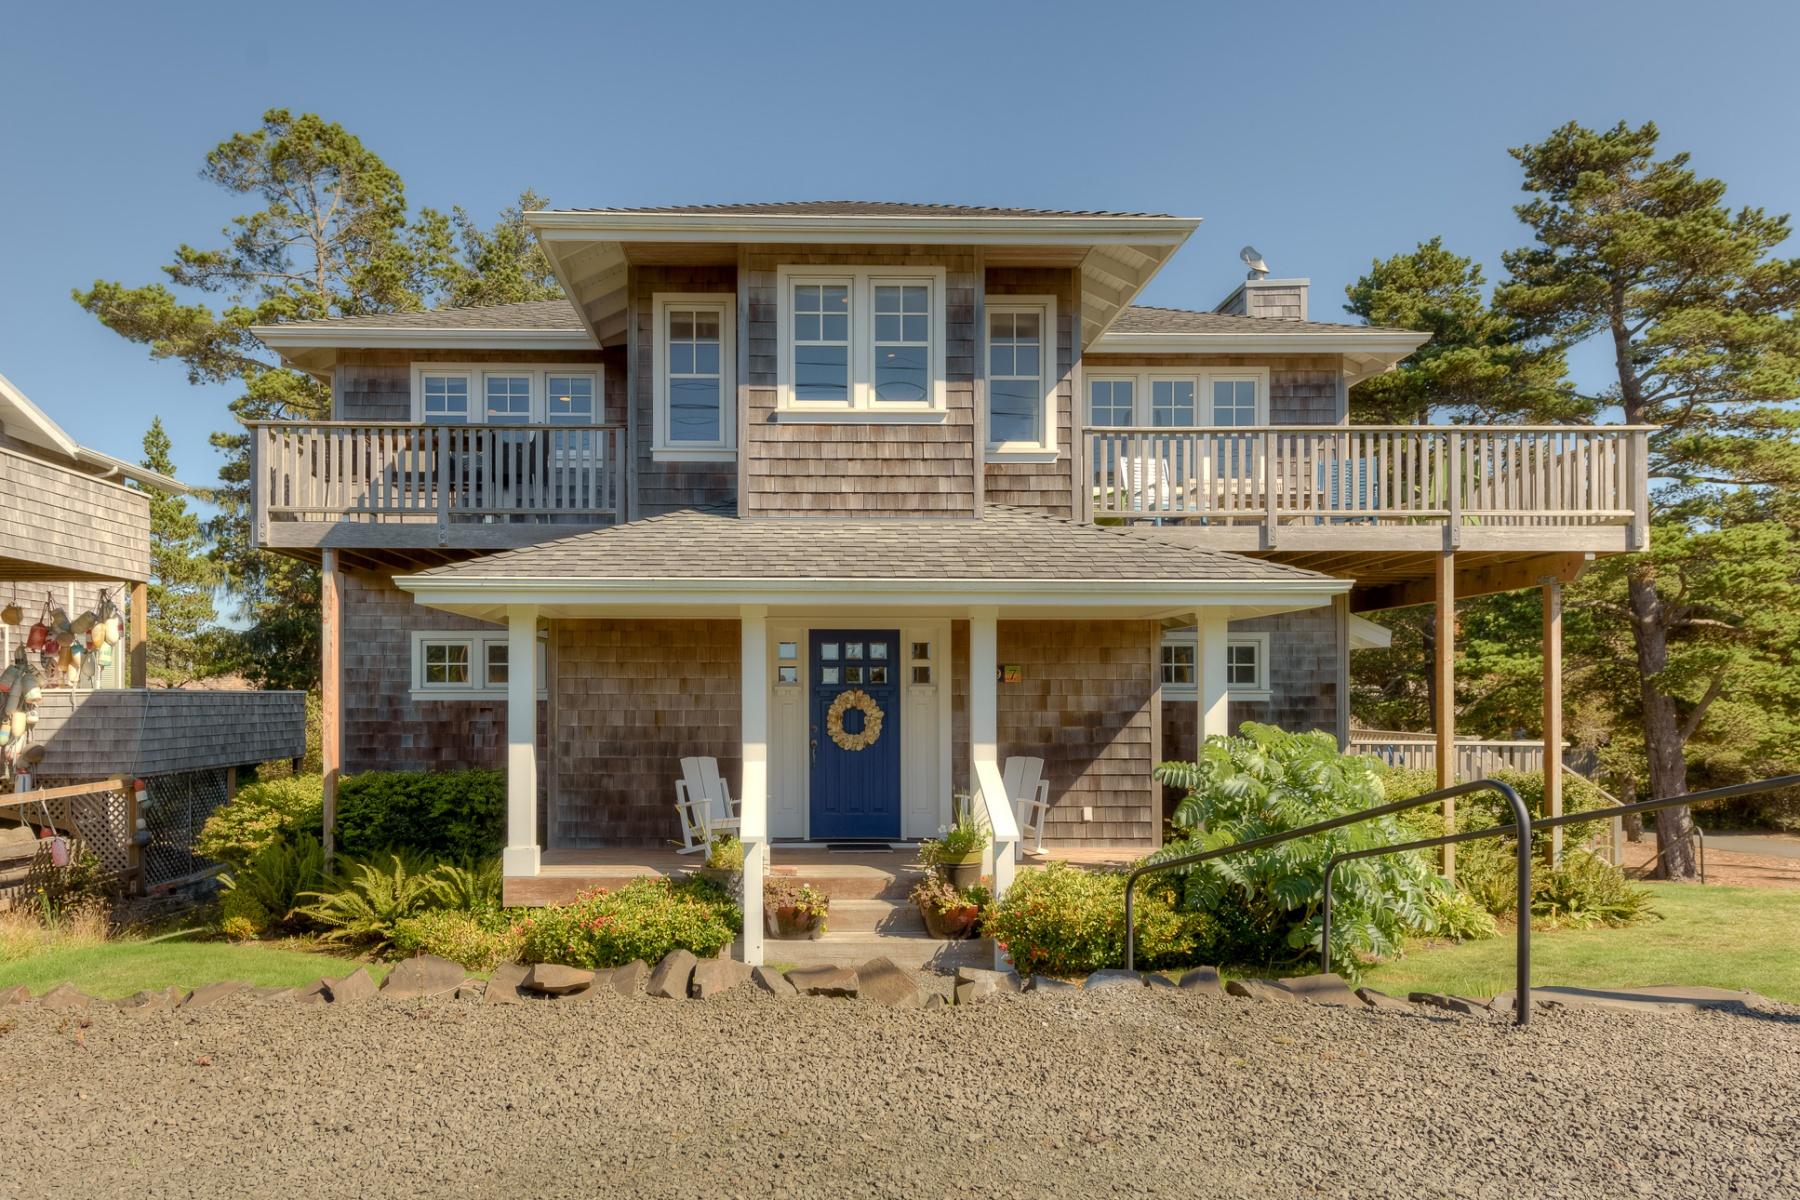 Nhà ở một gia đình vì Bán tại 597 N N Marion AVE, GEARHART, OR Seaside, Oregon, 97138 Hoa Kỳ